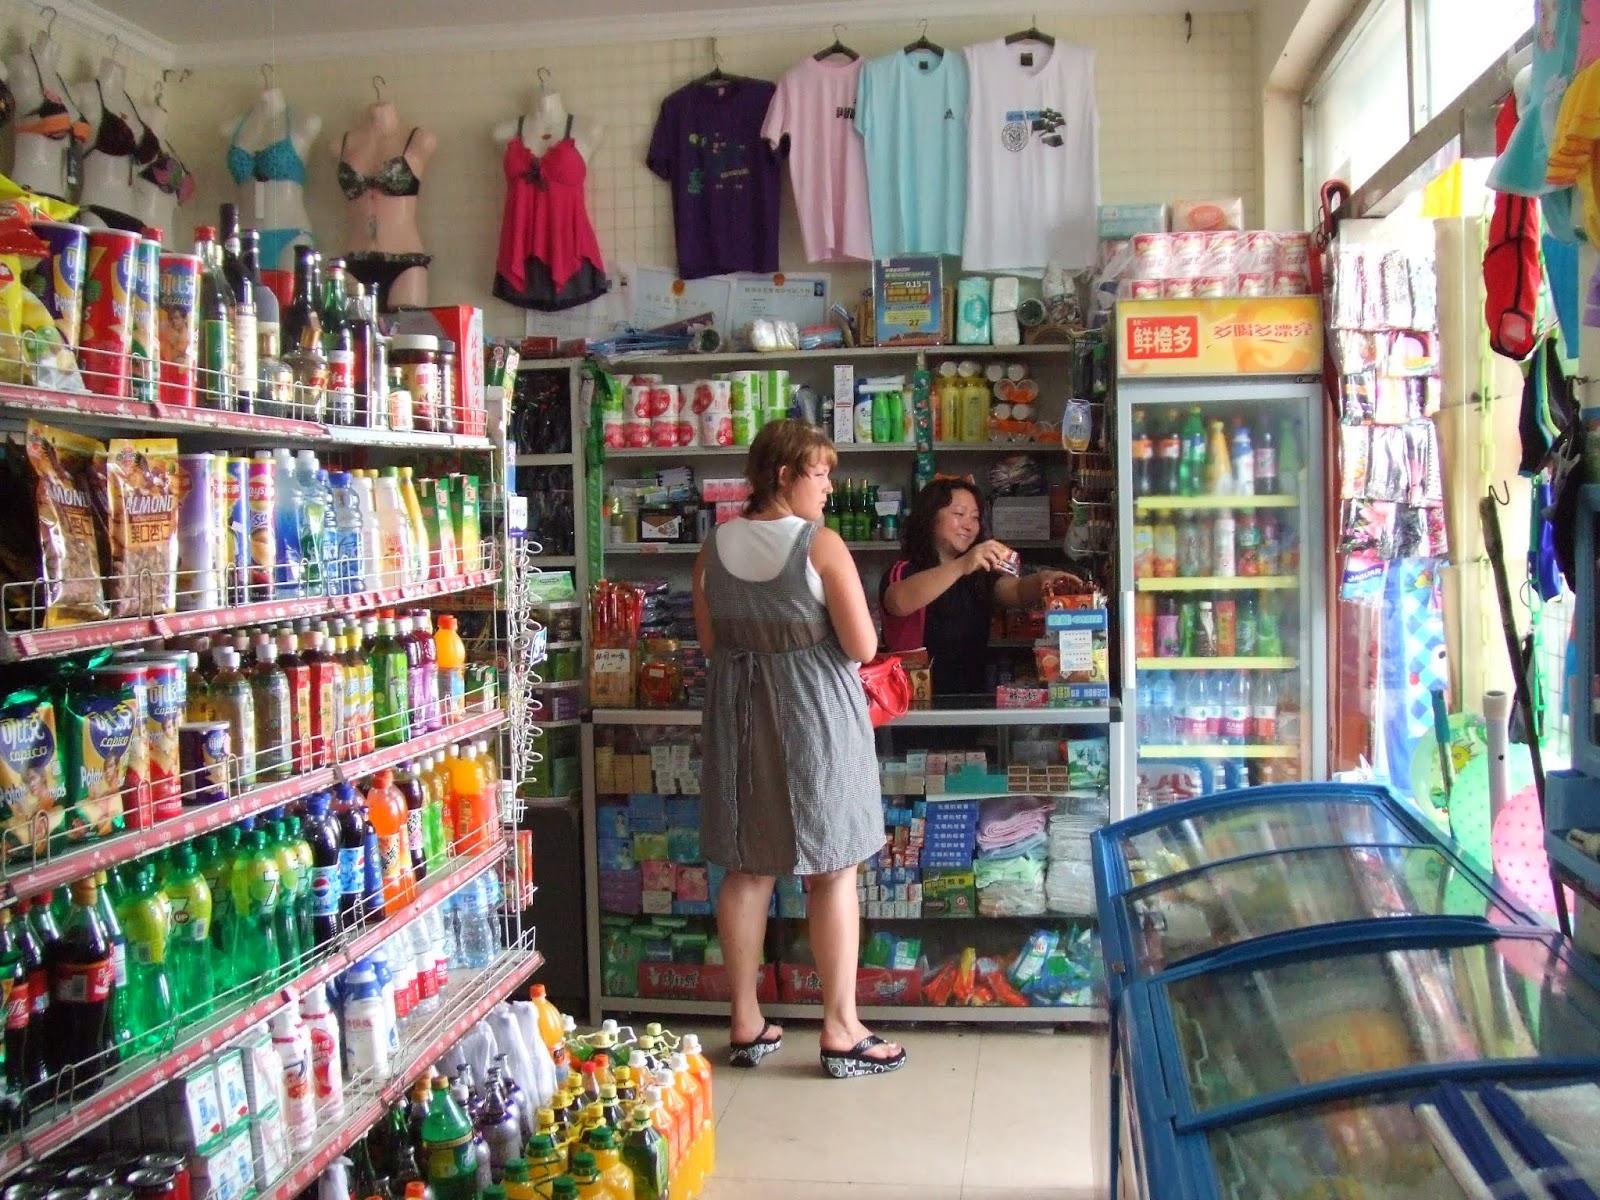 Kiosk innen mit Frau in grauem Kleid und Frau in schwarzem Shirt